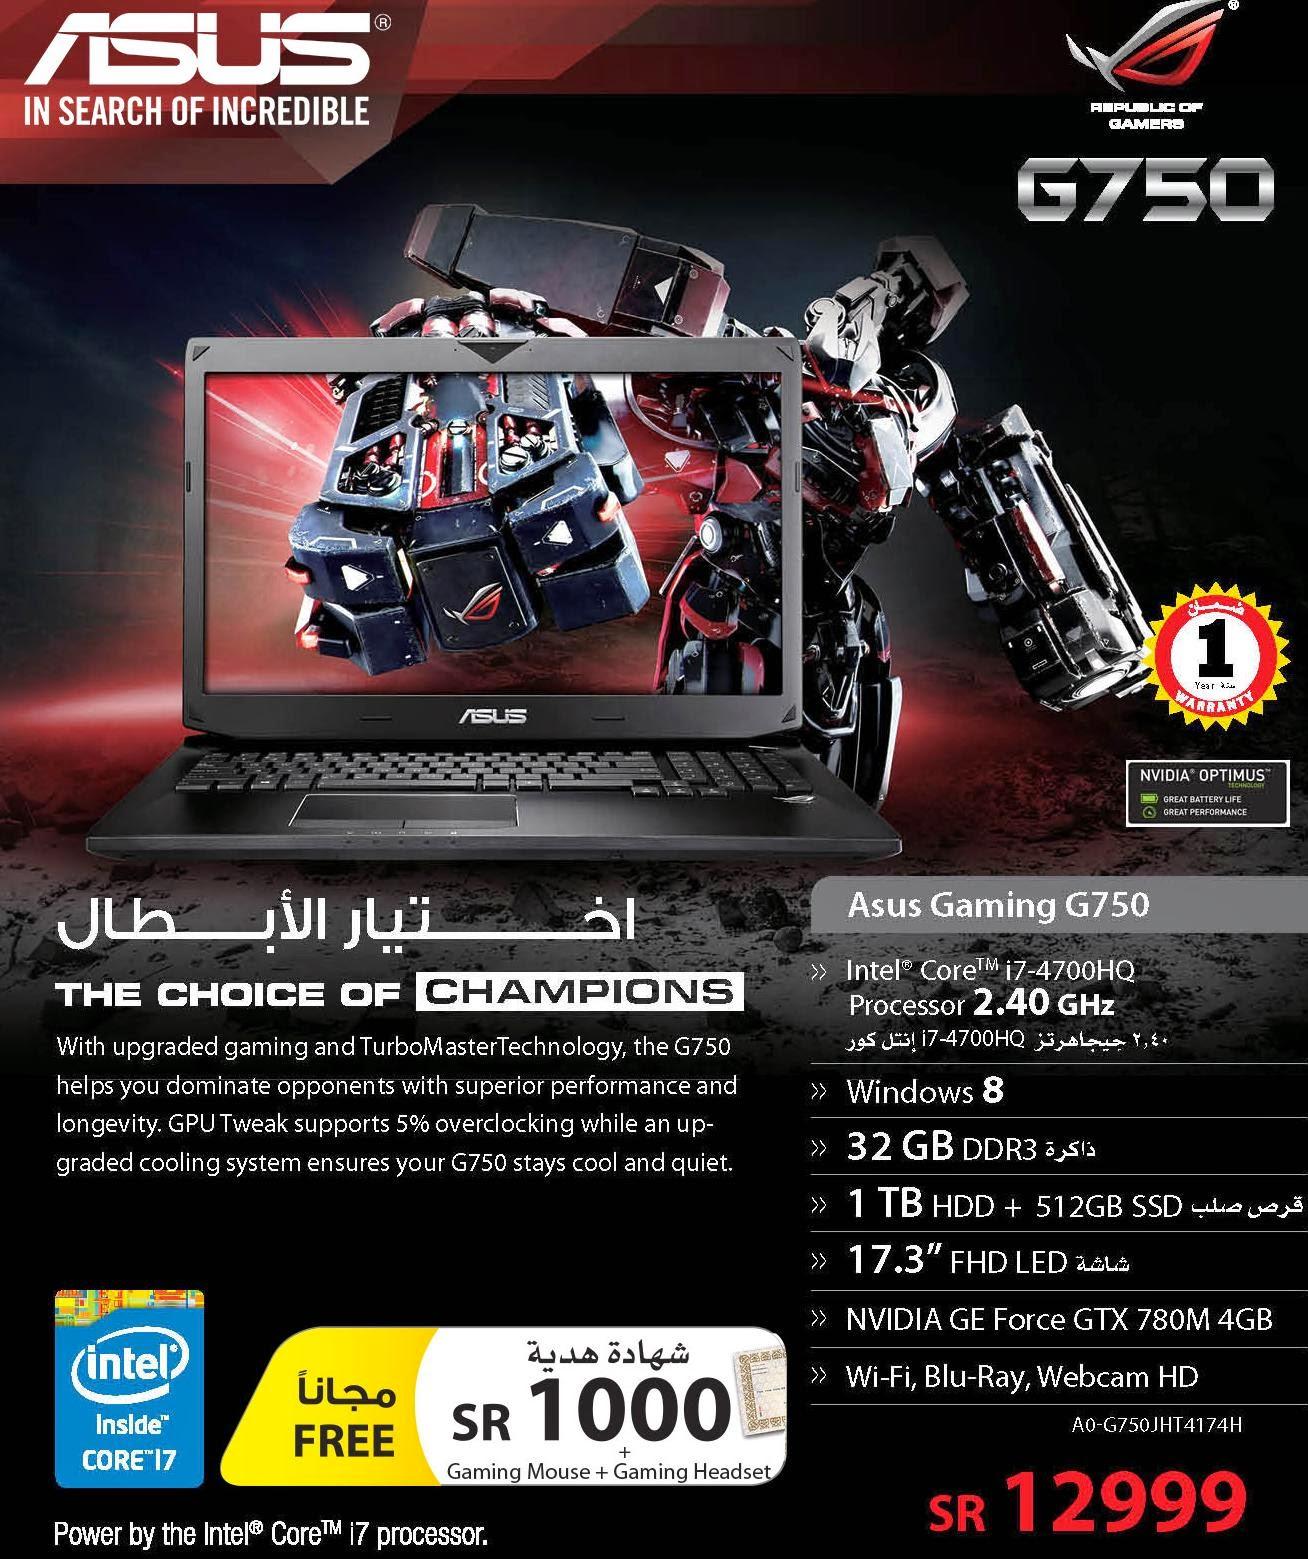 سعر اللاب توب ASUS Gaming G750 فى مكتبة جرير